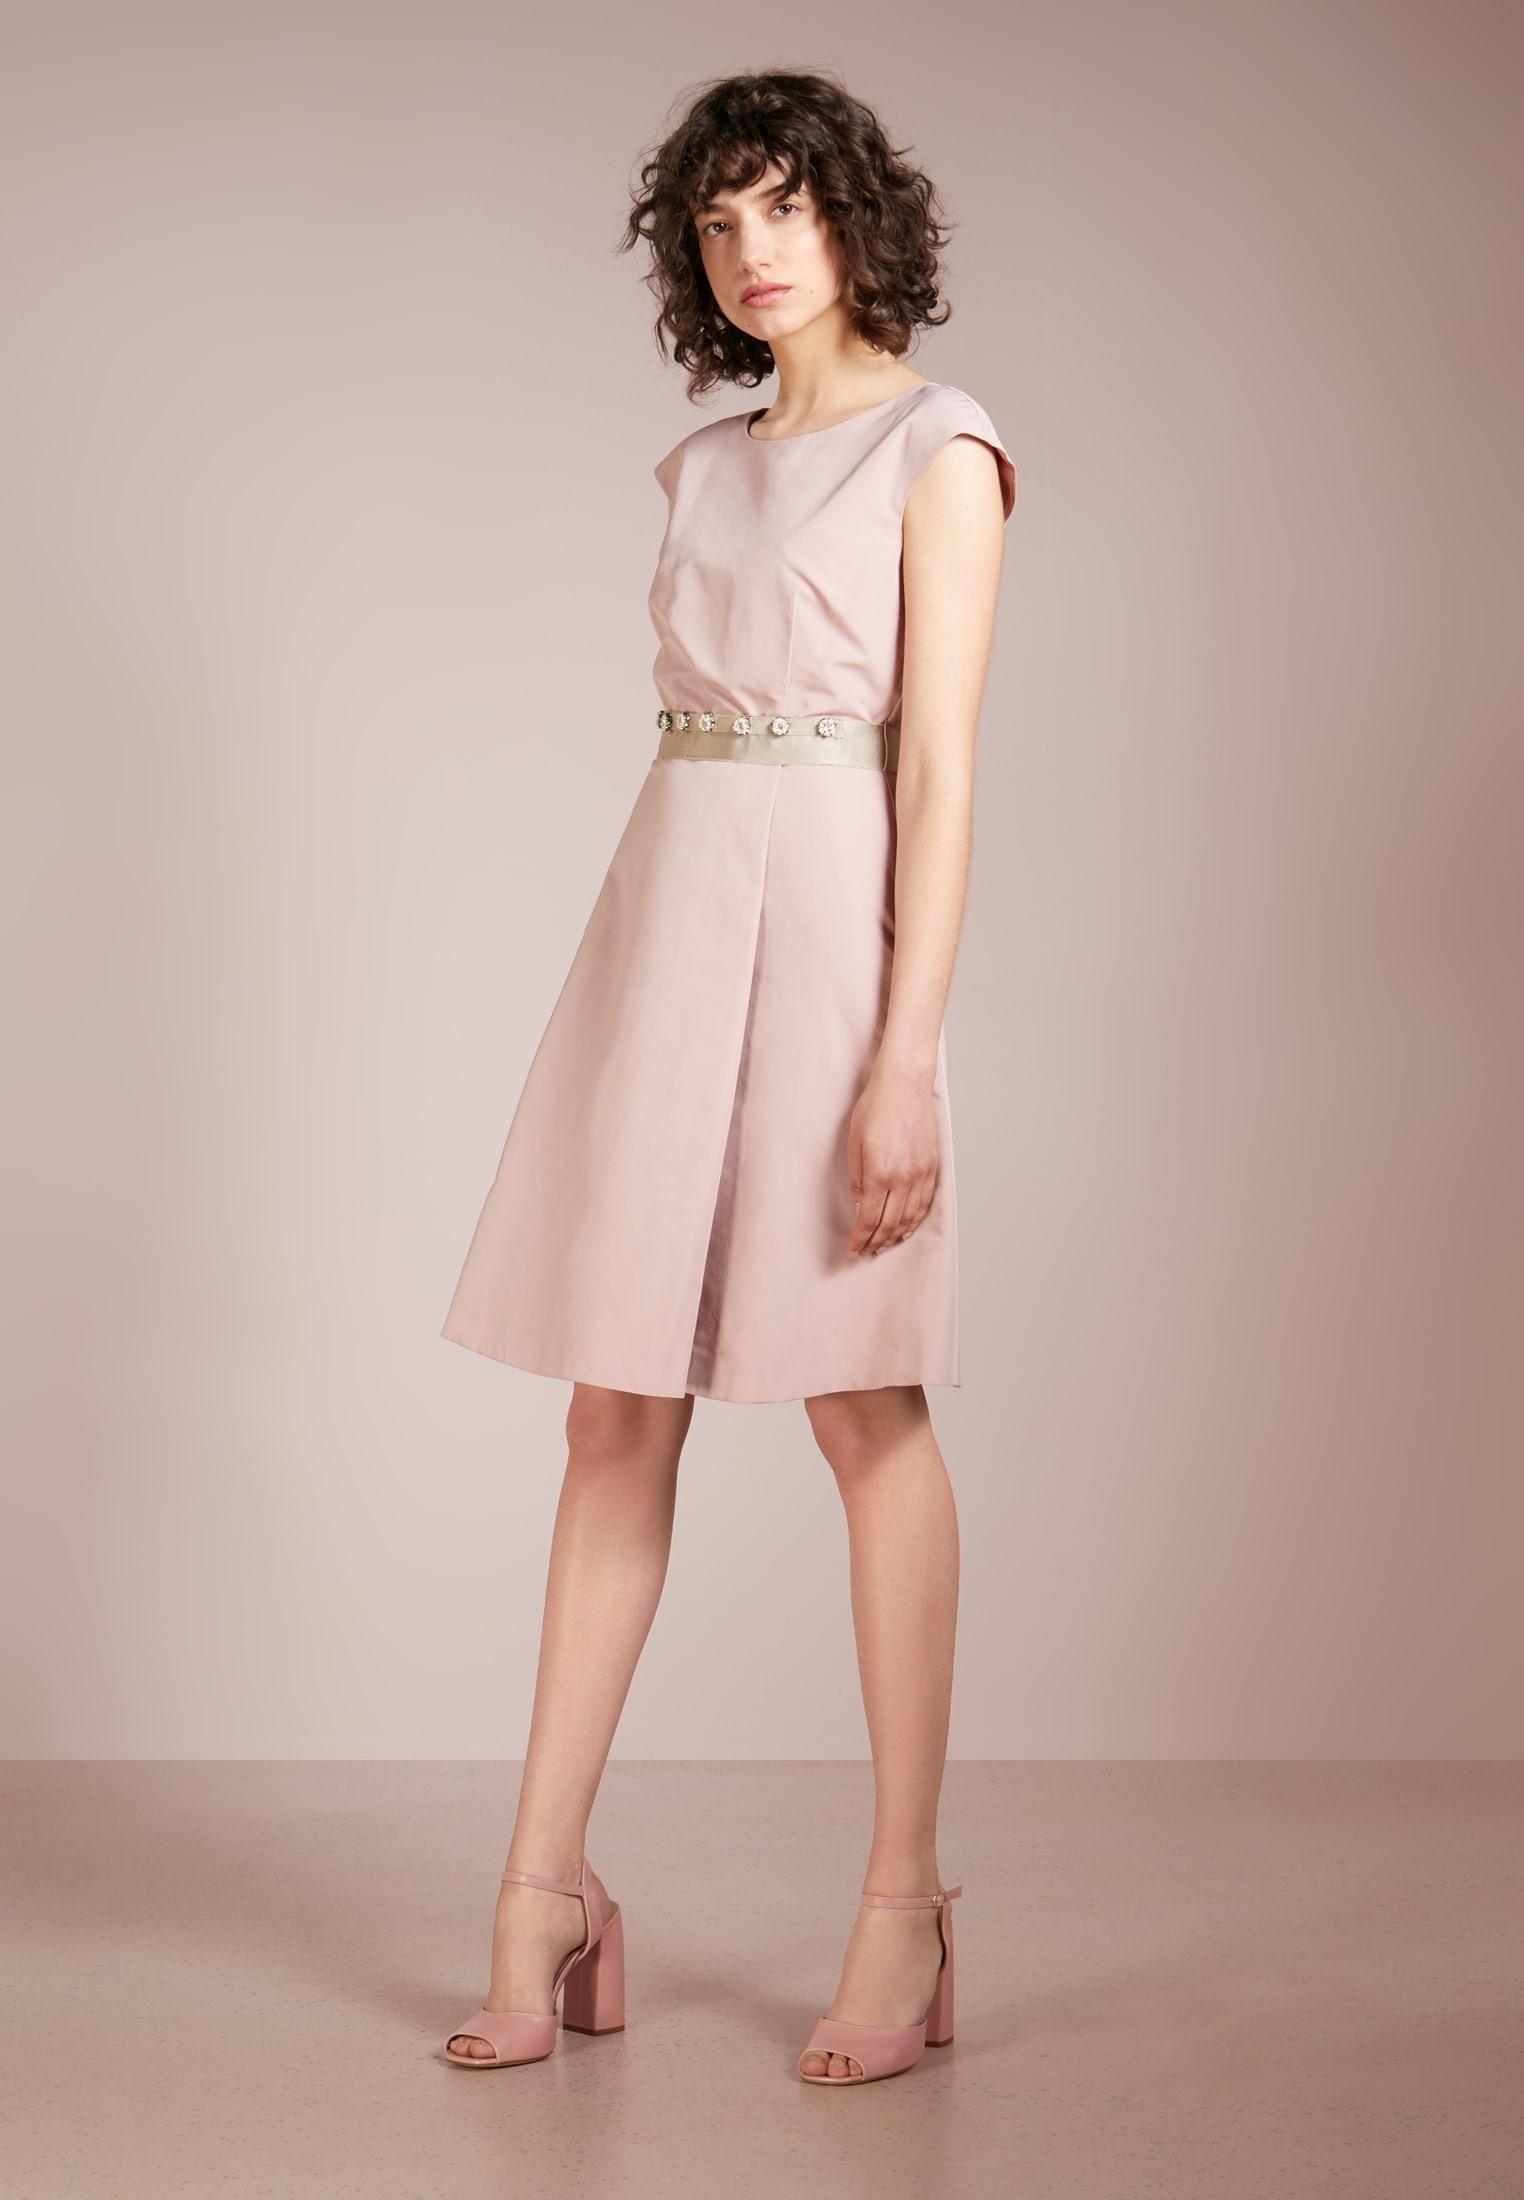 b5ff5a29c534 20 Erstaunlich Festliches Kleid Damen Spezialgebiet13 Genial Festliches  Kleid Damen Galerie